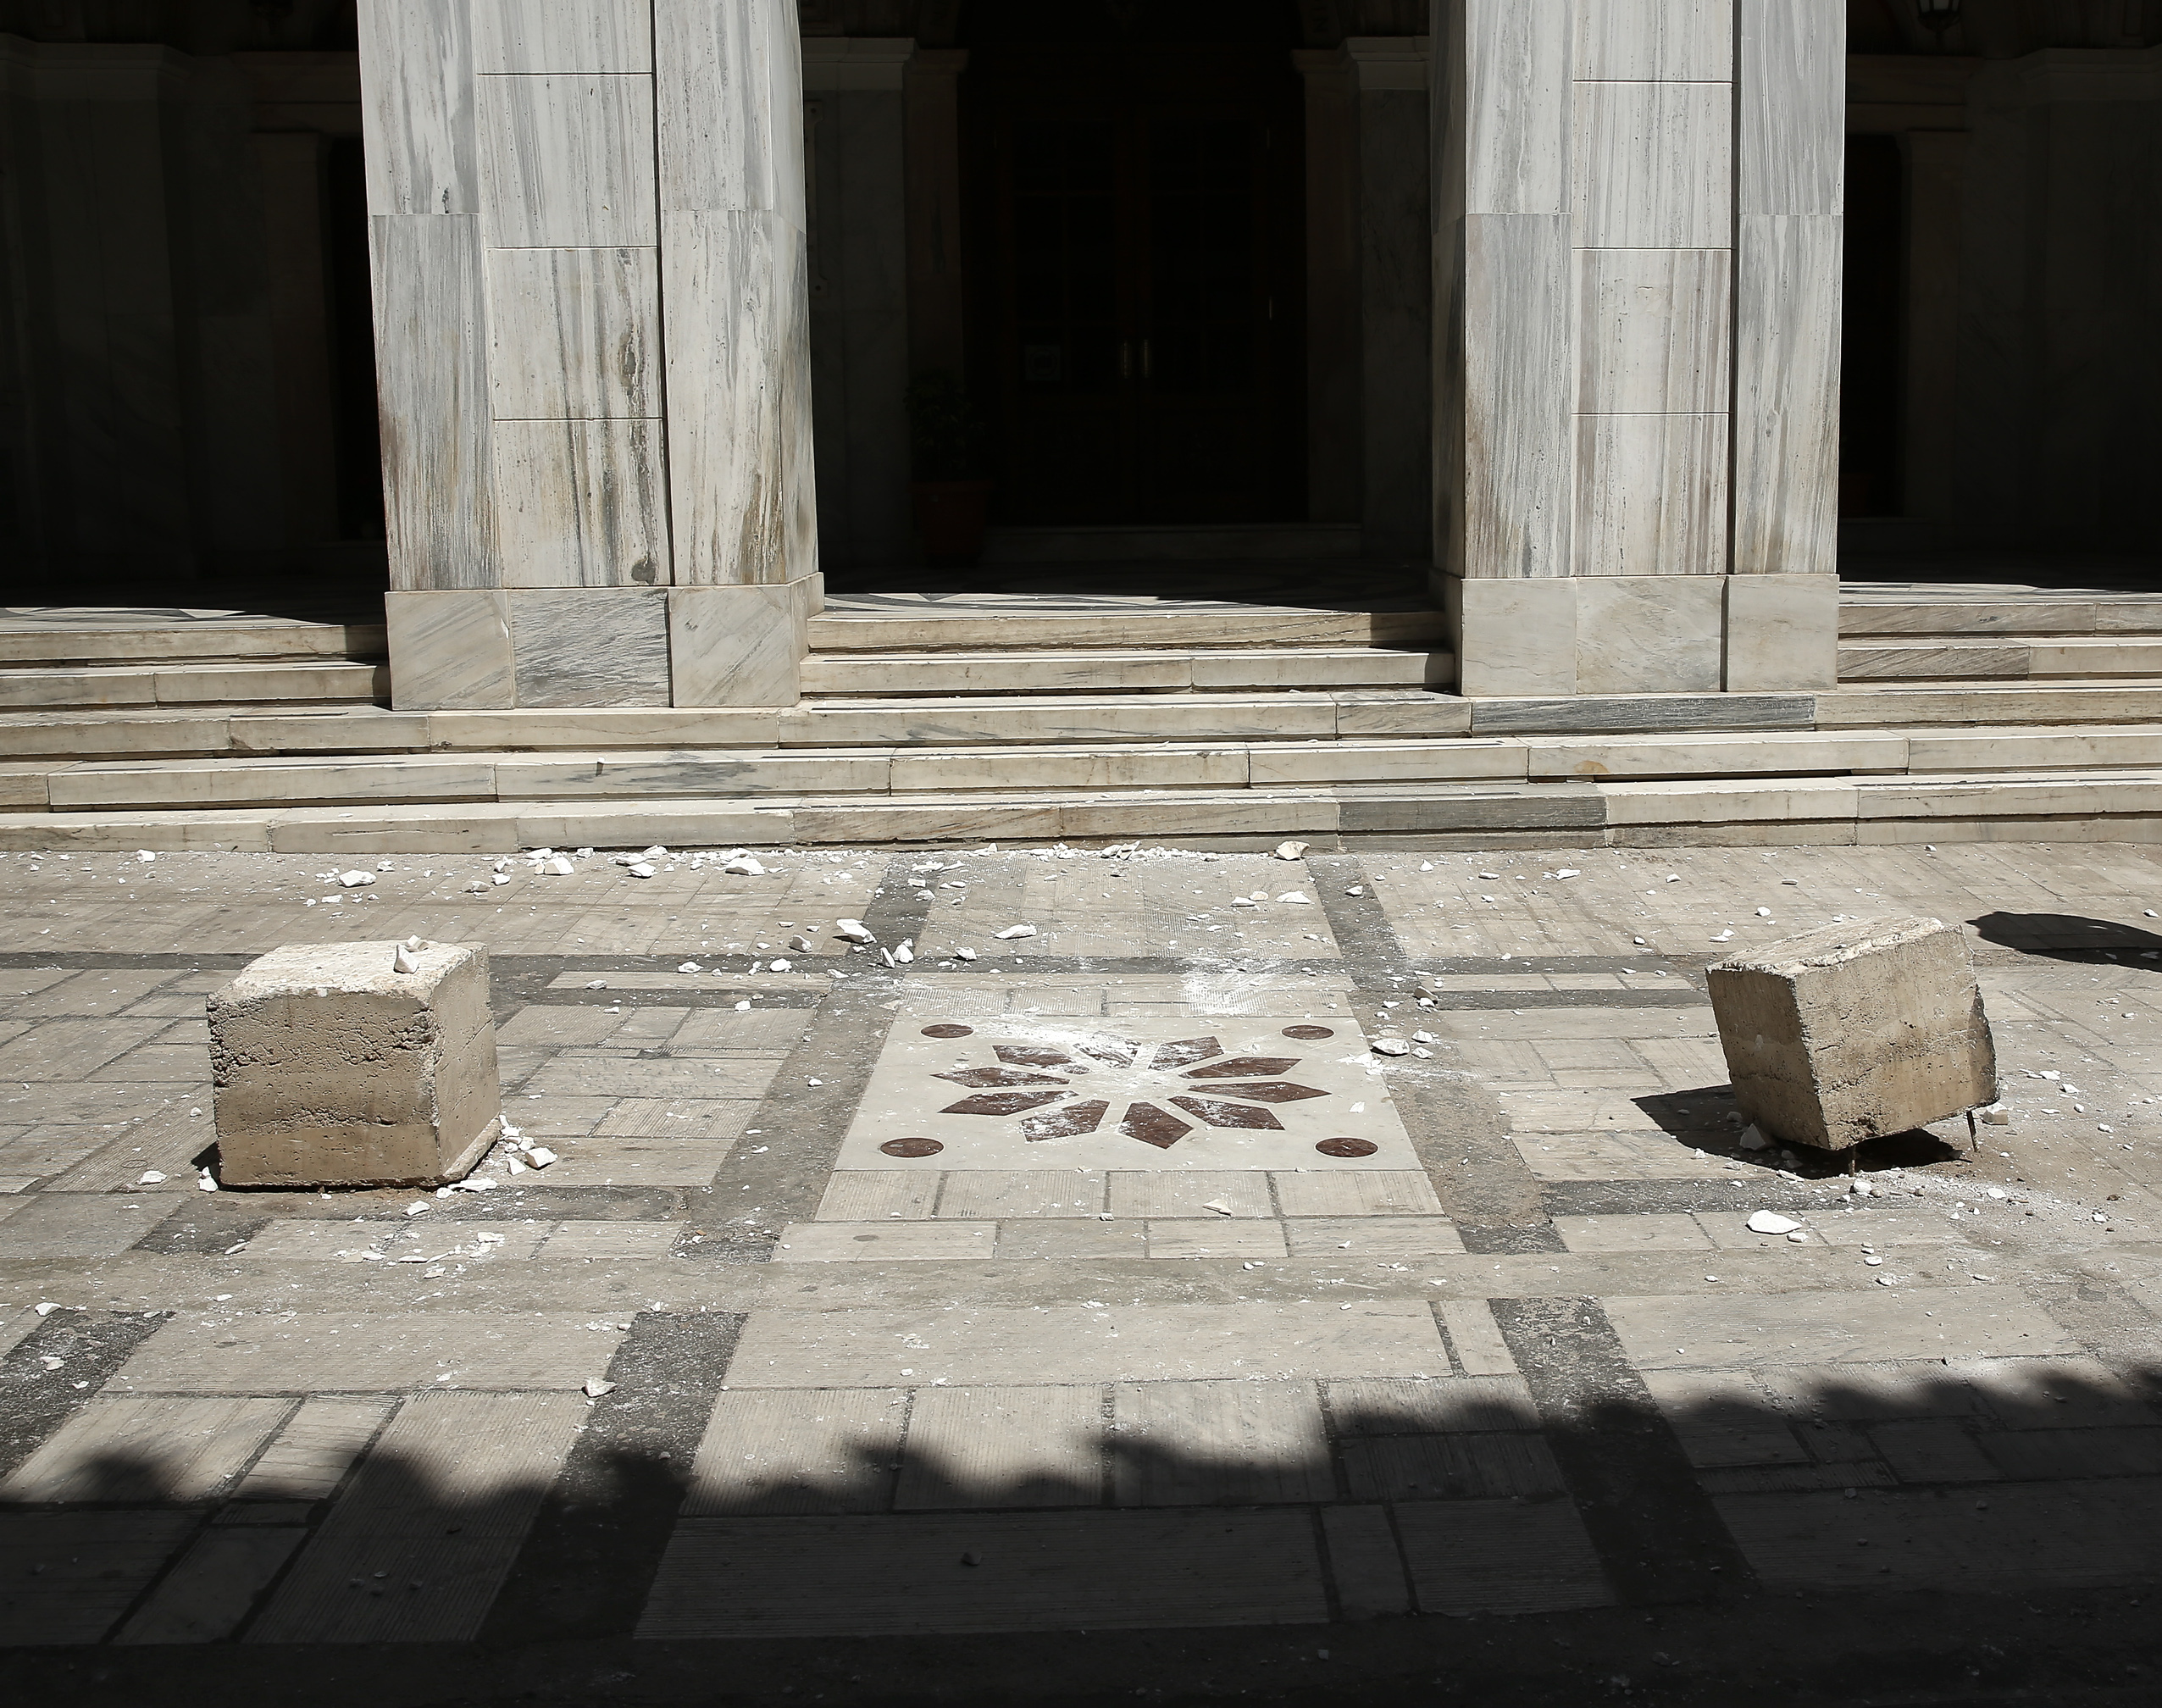 """Σεισμός στην Αθήνα: Στο """"πόδι"""" ο Δήμος Αθηναίων – Ξεκίνησαν έλεγχοι σε κτίρια"""